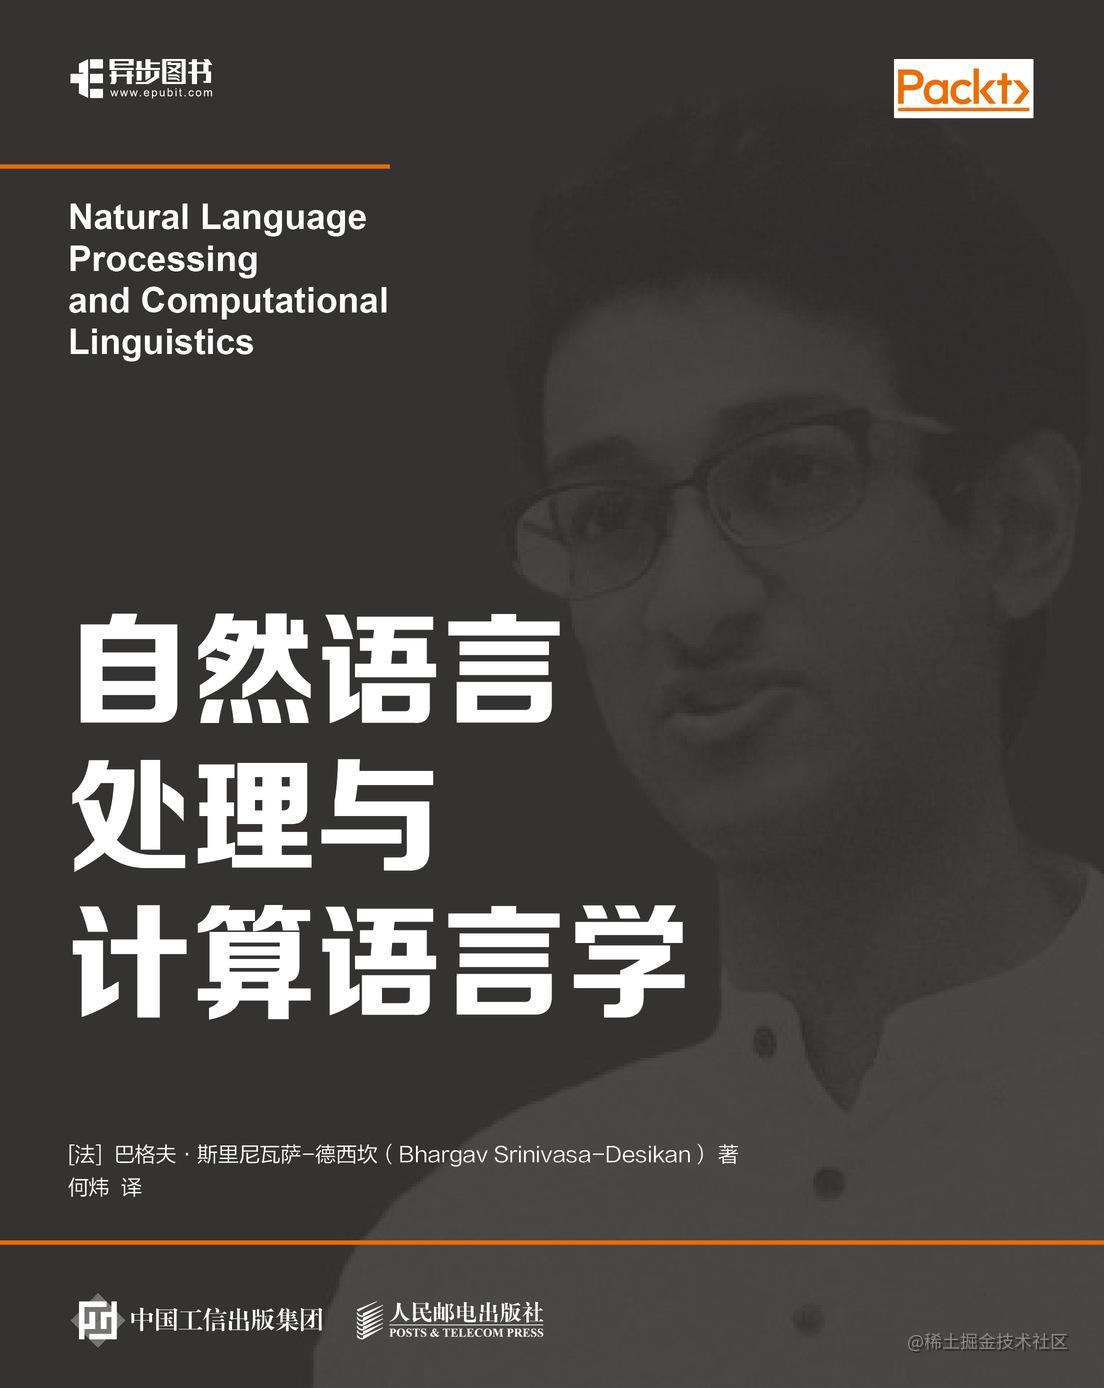 自然语言处理有哪些可以推荐的书?